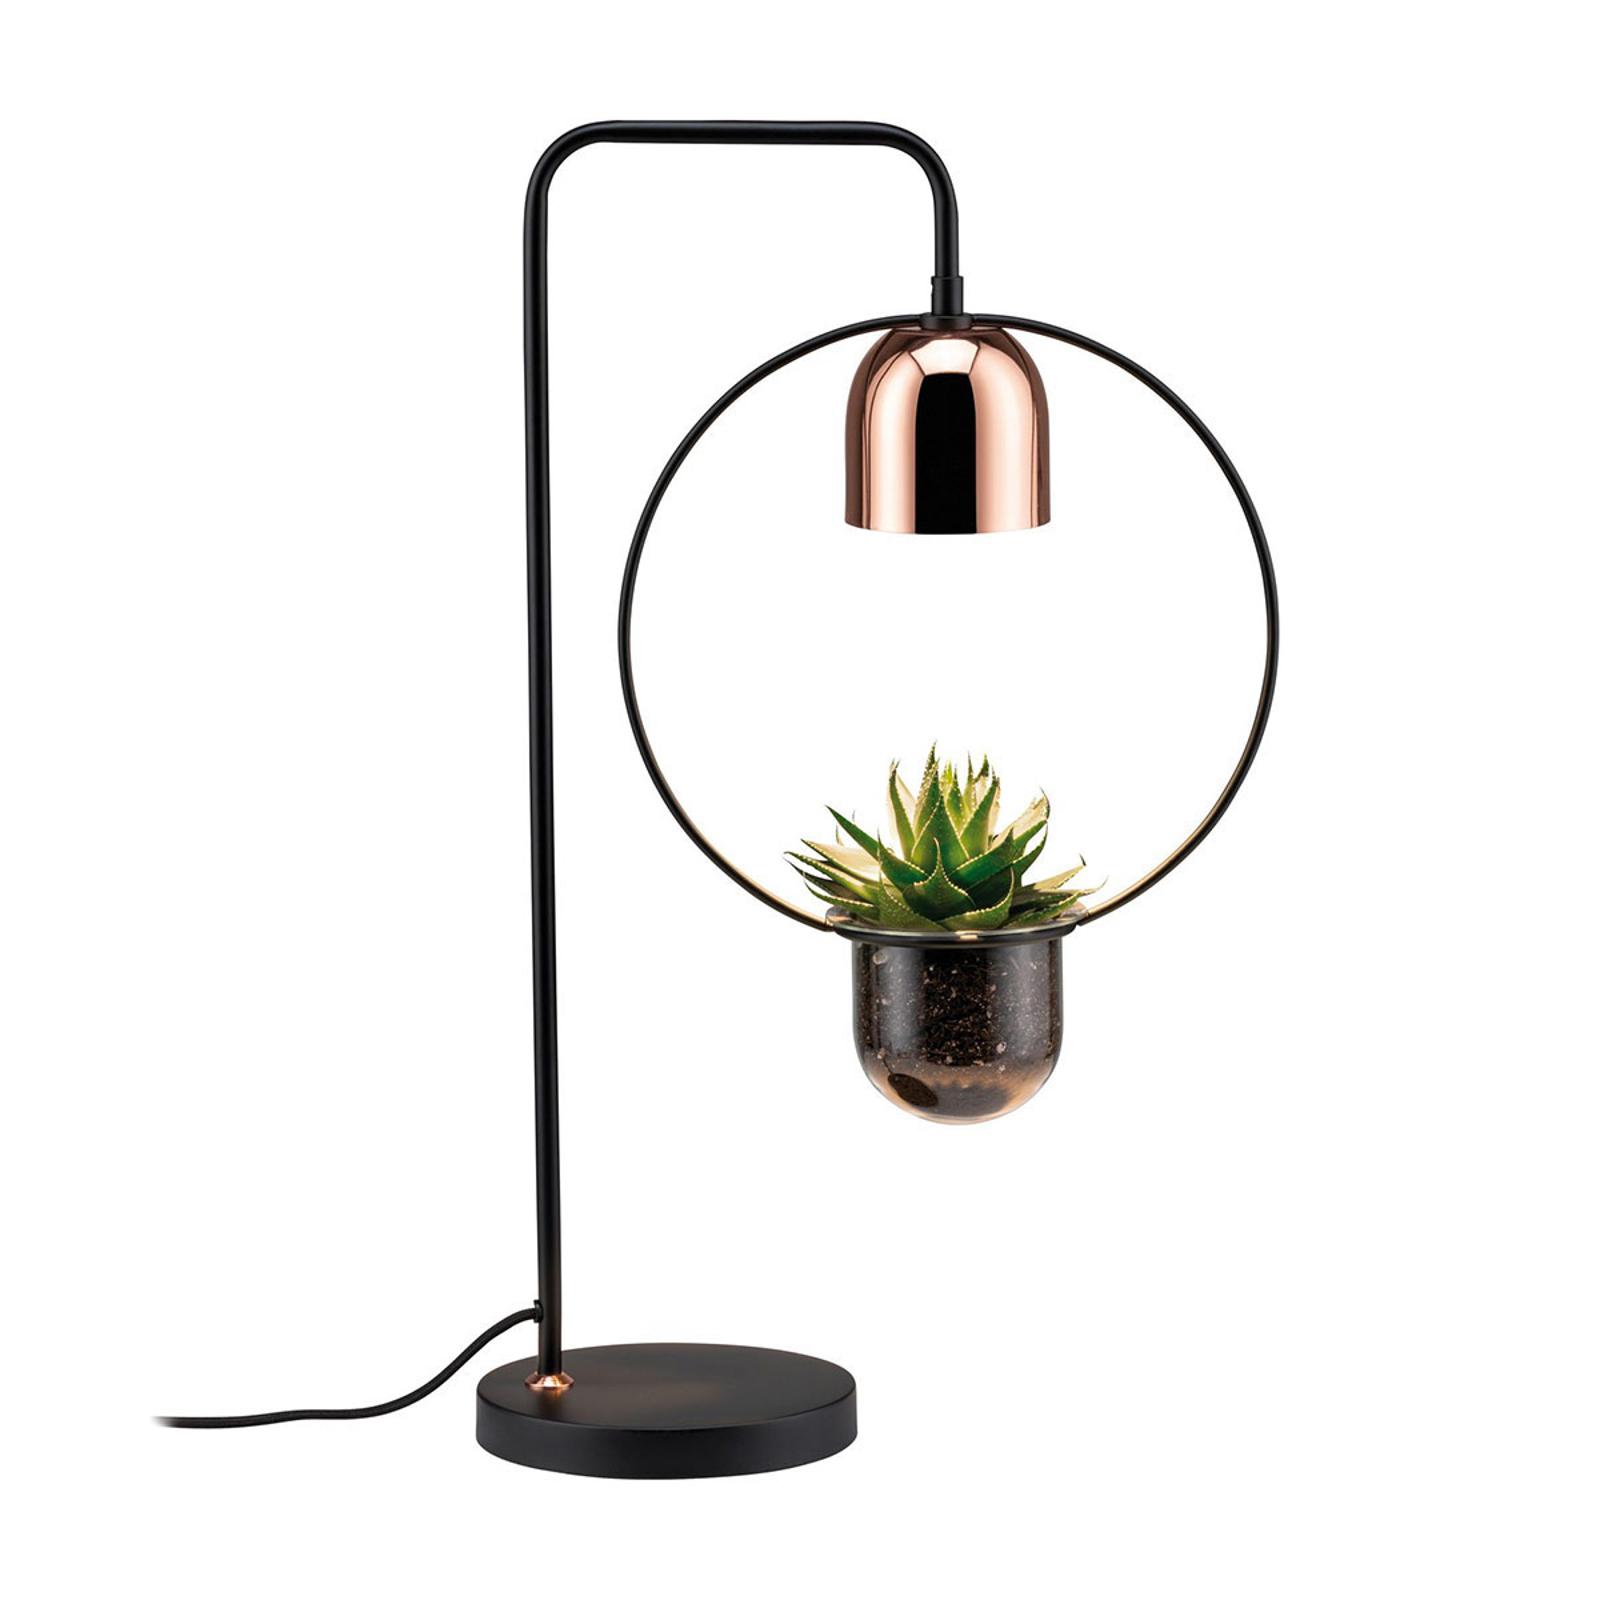 Paulmann tafellamp Fanja met plantenbak